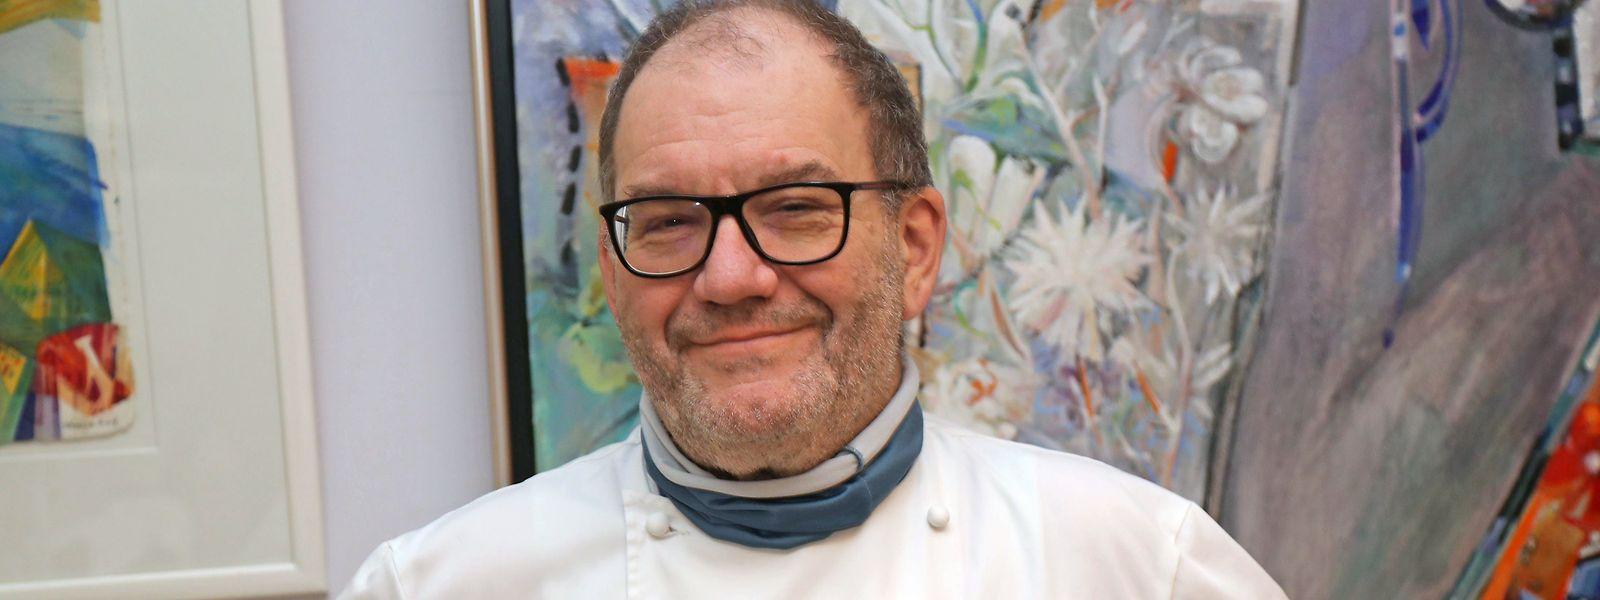 Serge Rihm hängt den Kochlöffel an den Nagel. Nach 40 Jahren sei es an der Zeit, es etwas ruhiger angehen zu lassen, so der 62-Jährige.